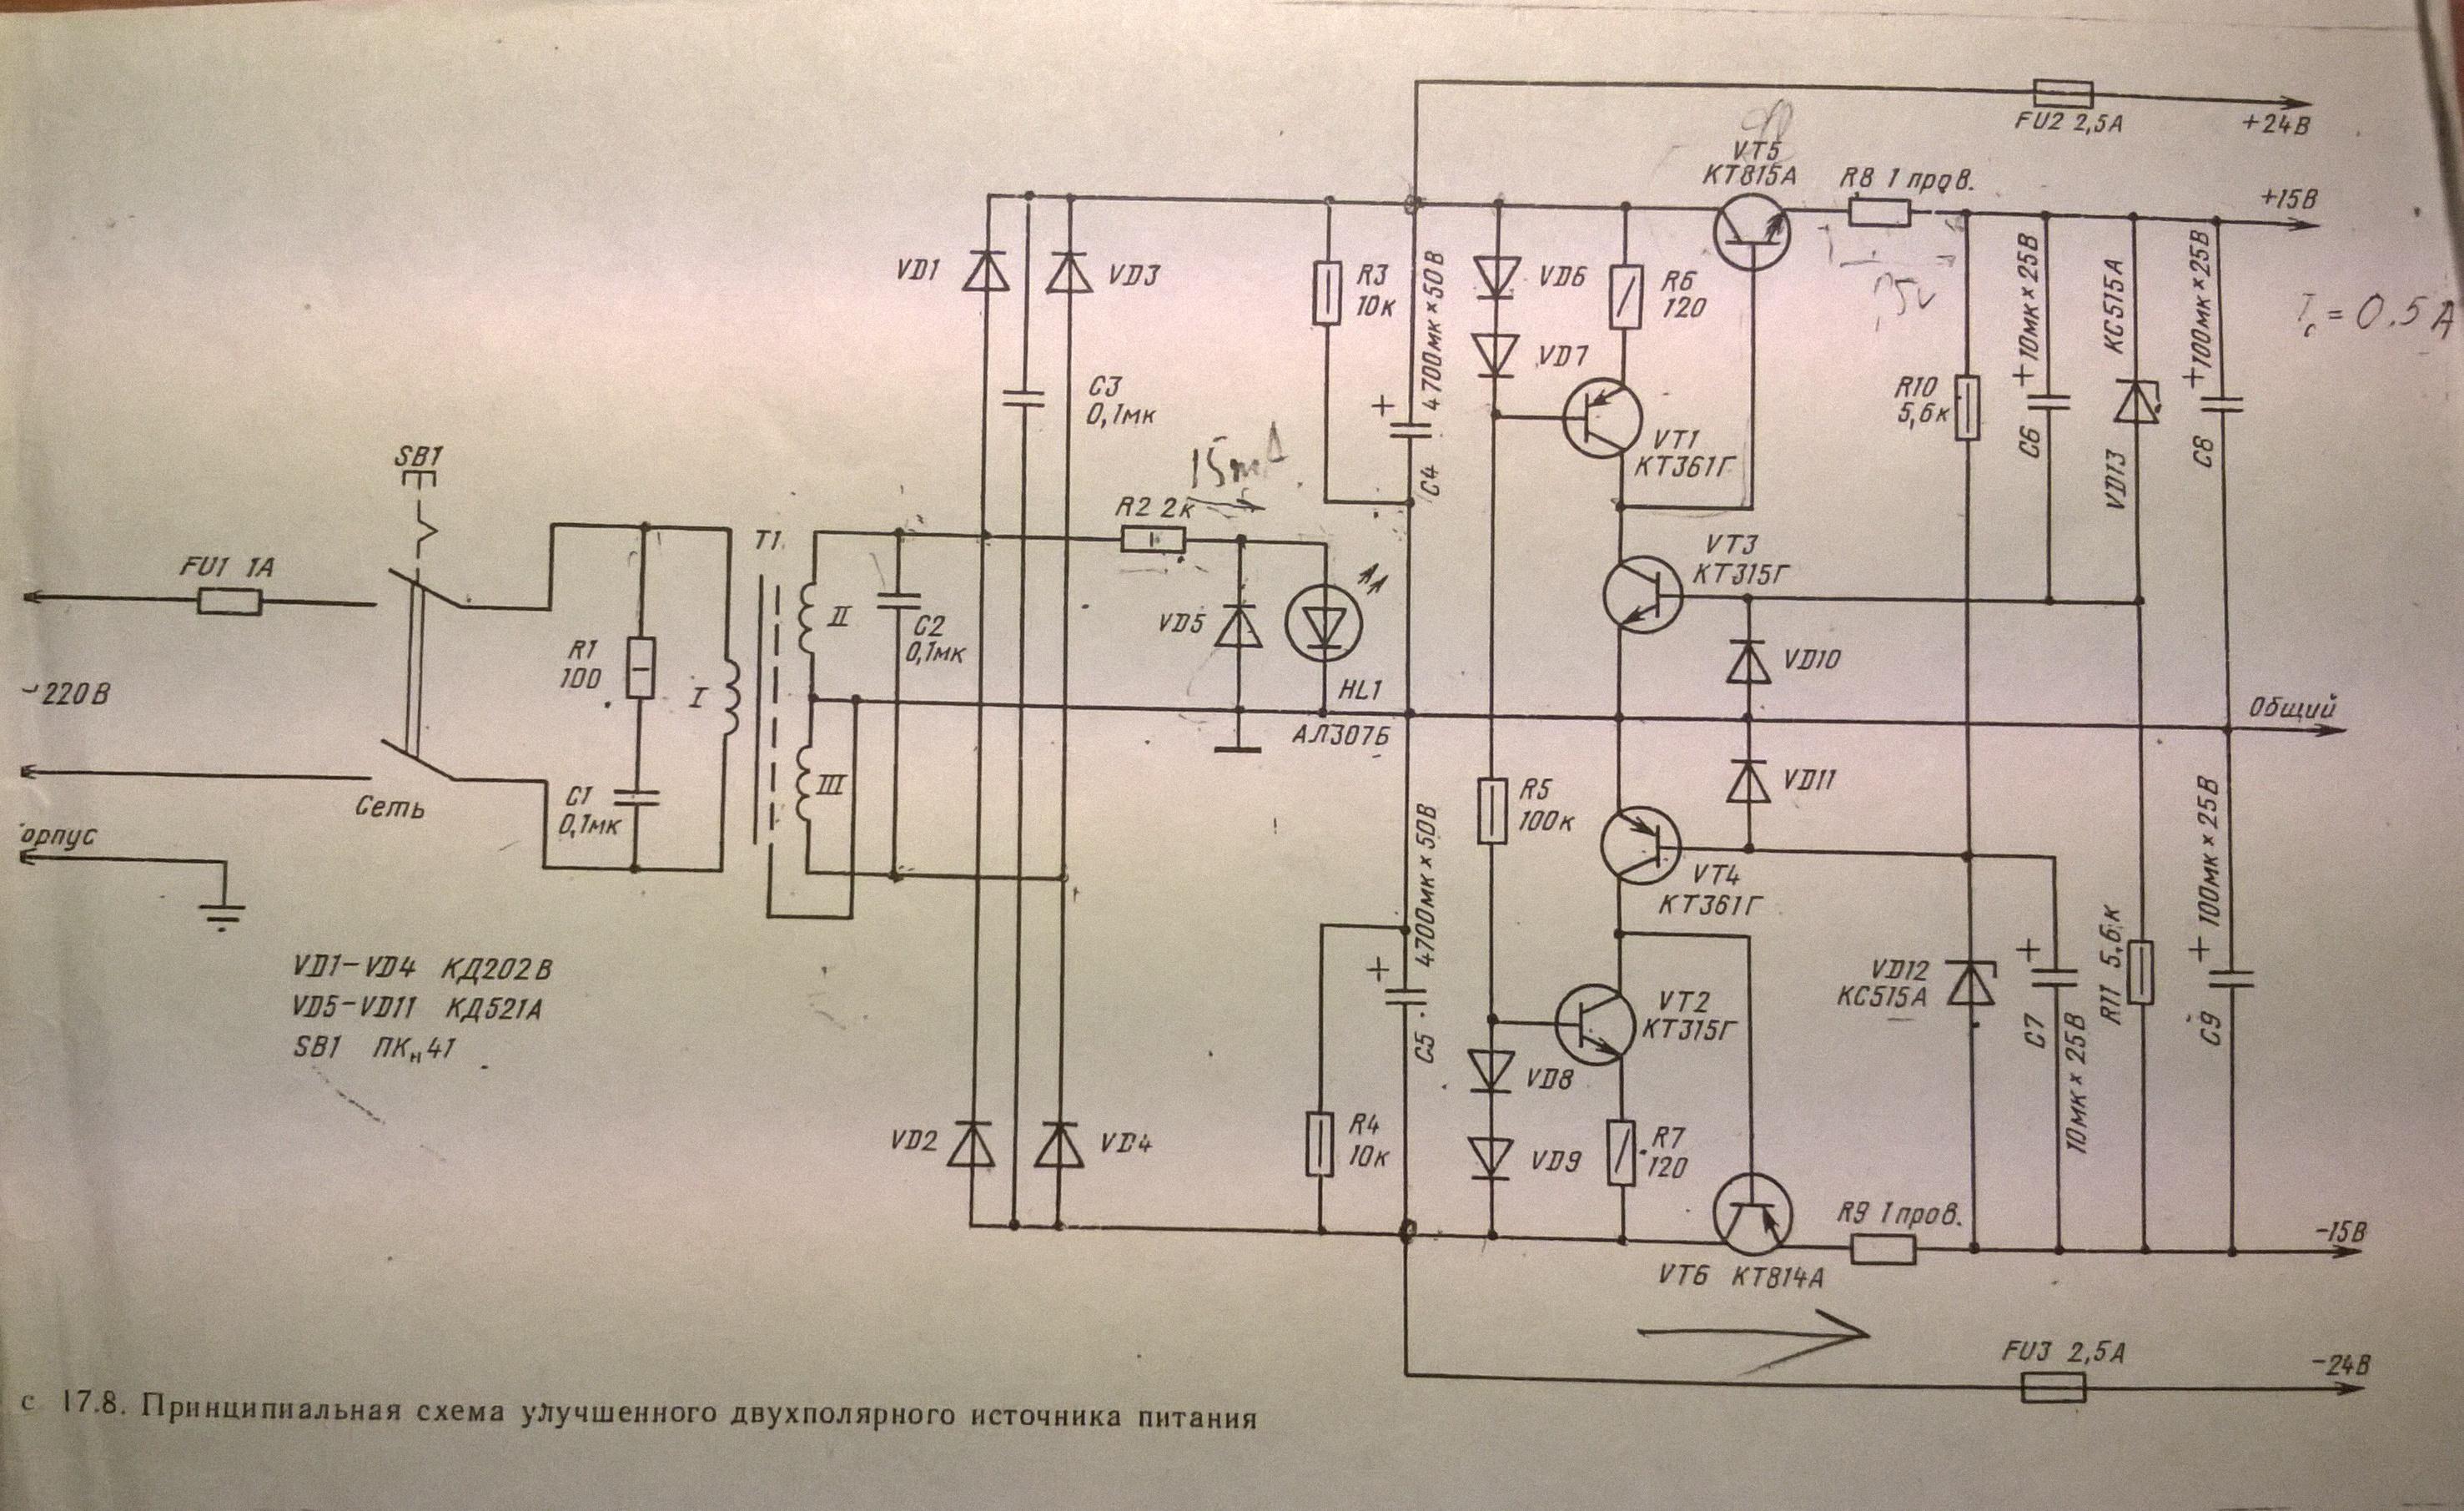 Схема районной электрической сети